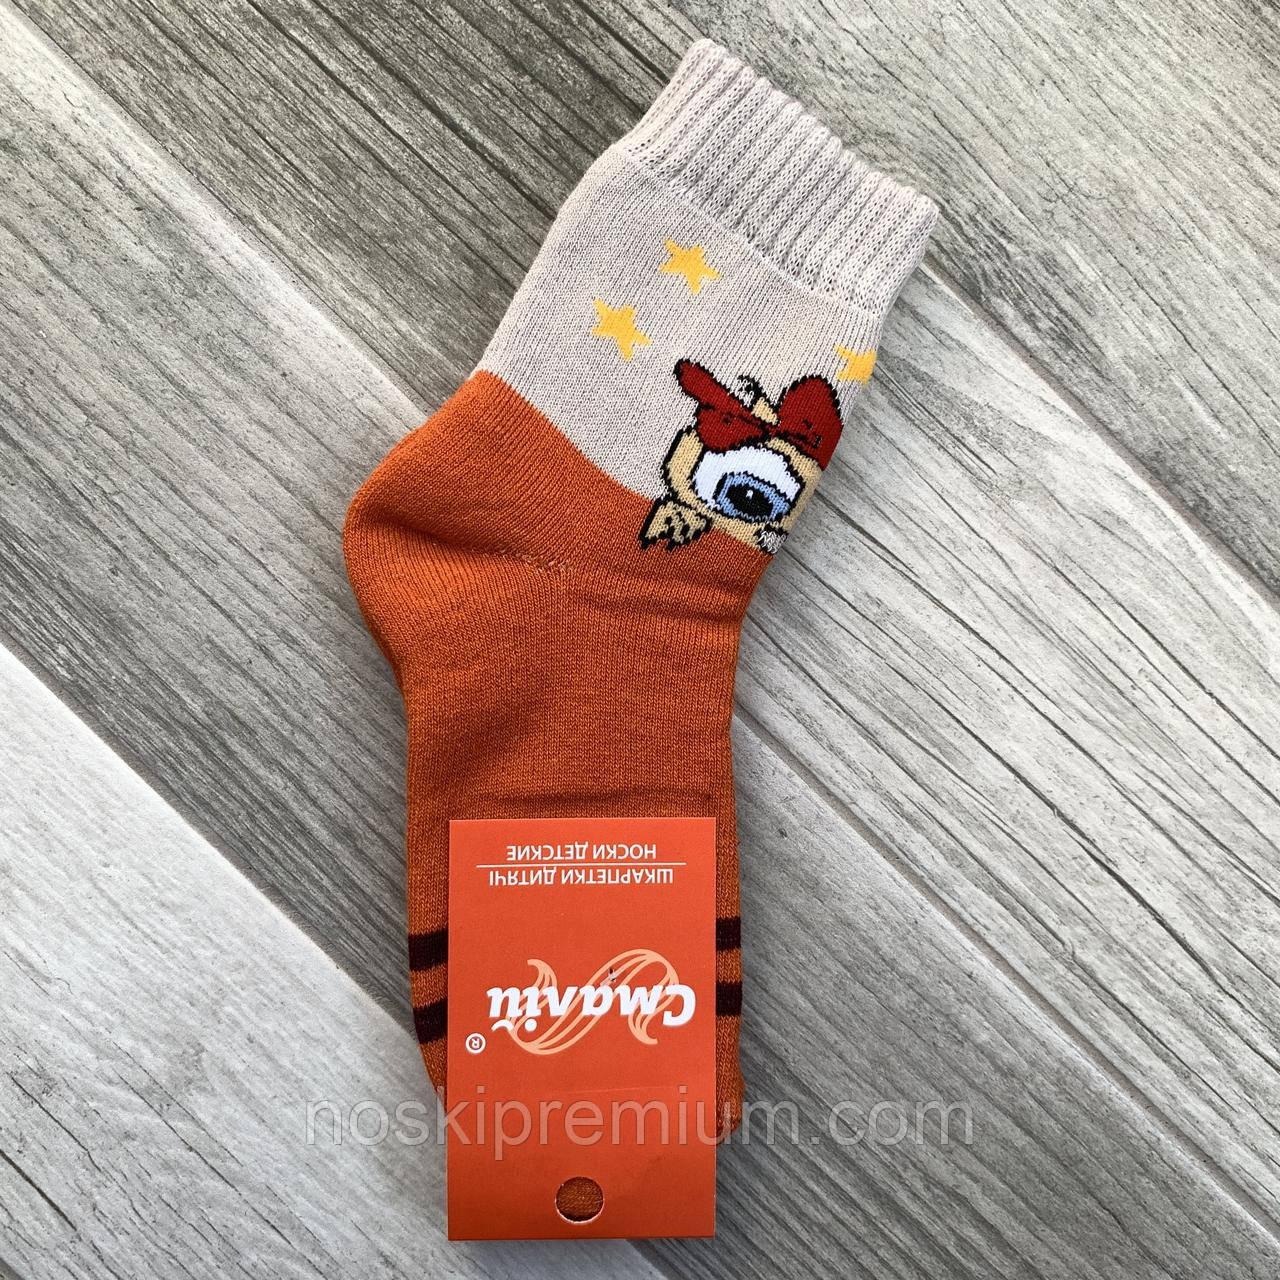 Носки детские х/б махровые Смалий, 16 размер, рисунок 41, 10503